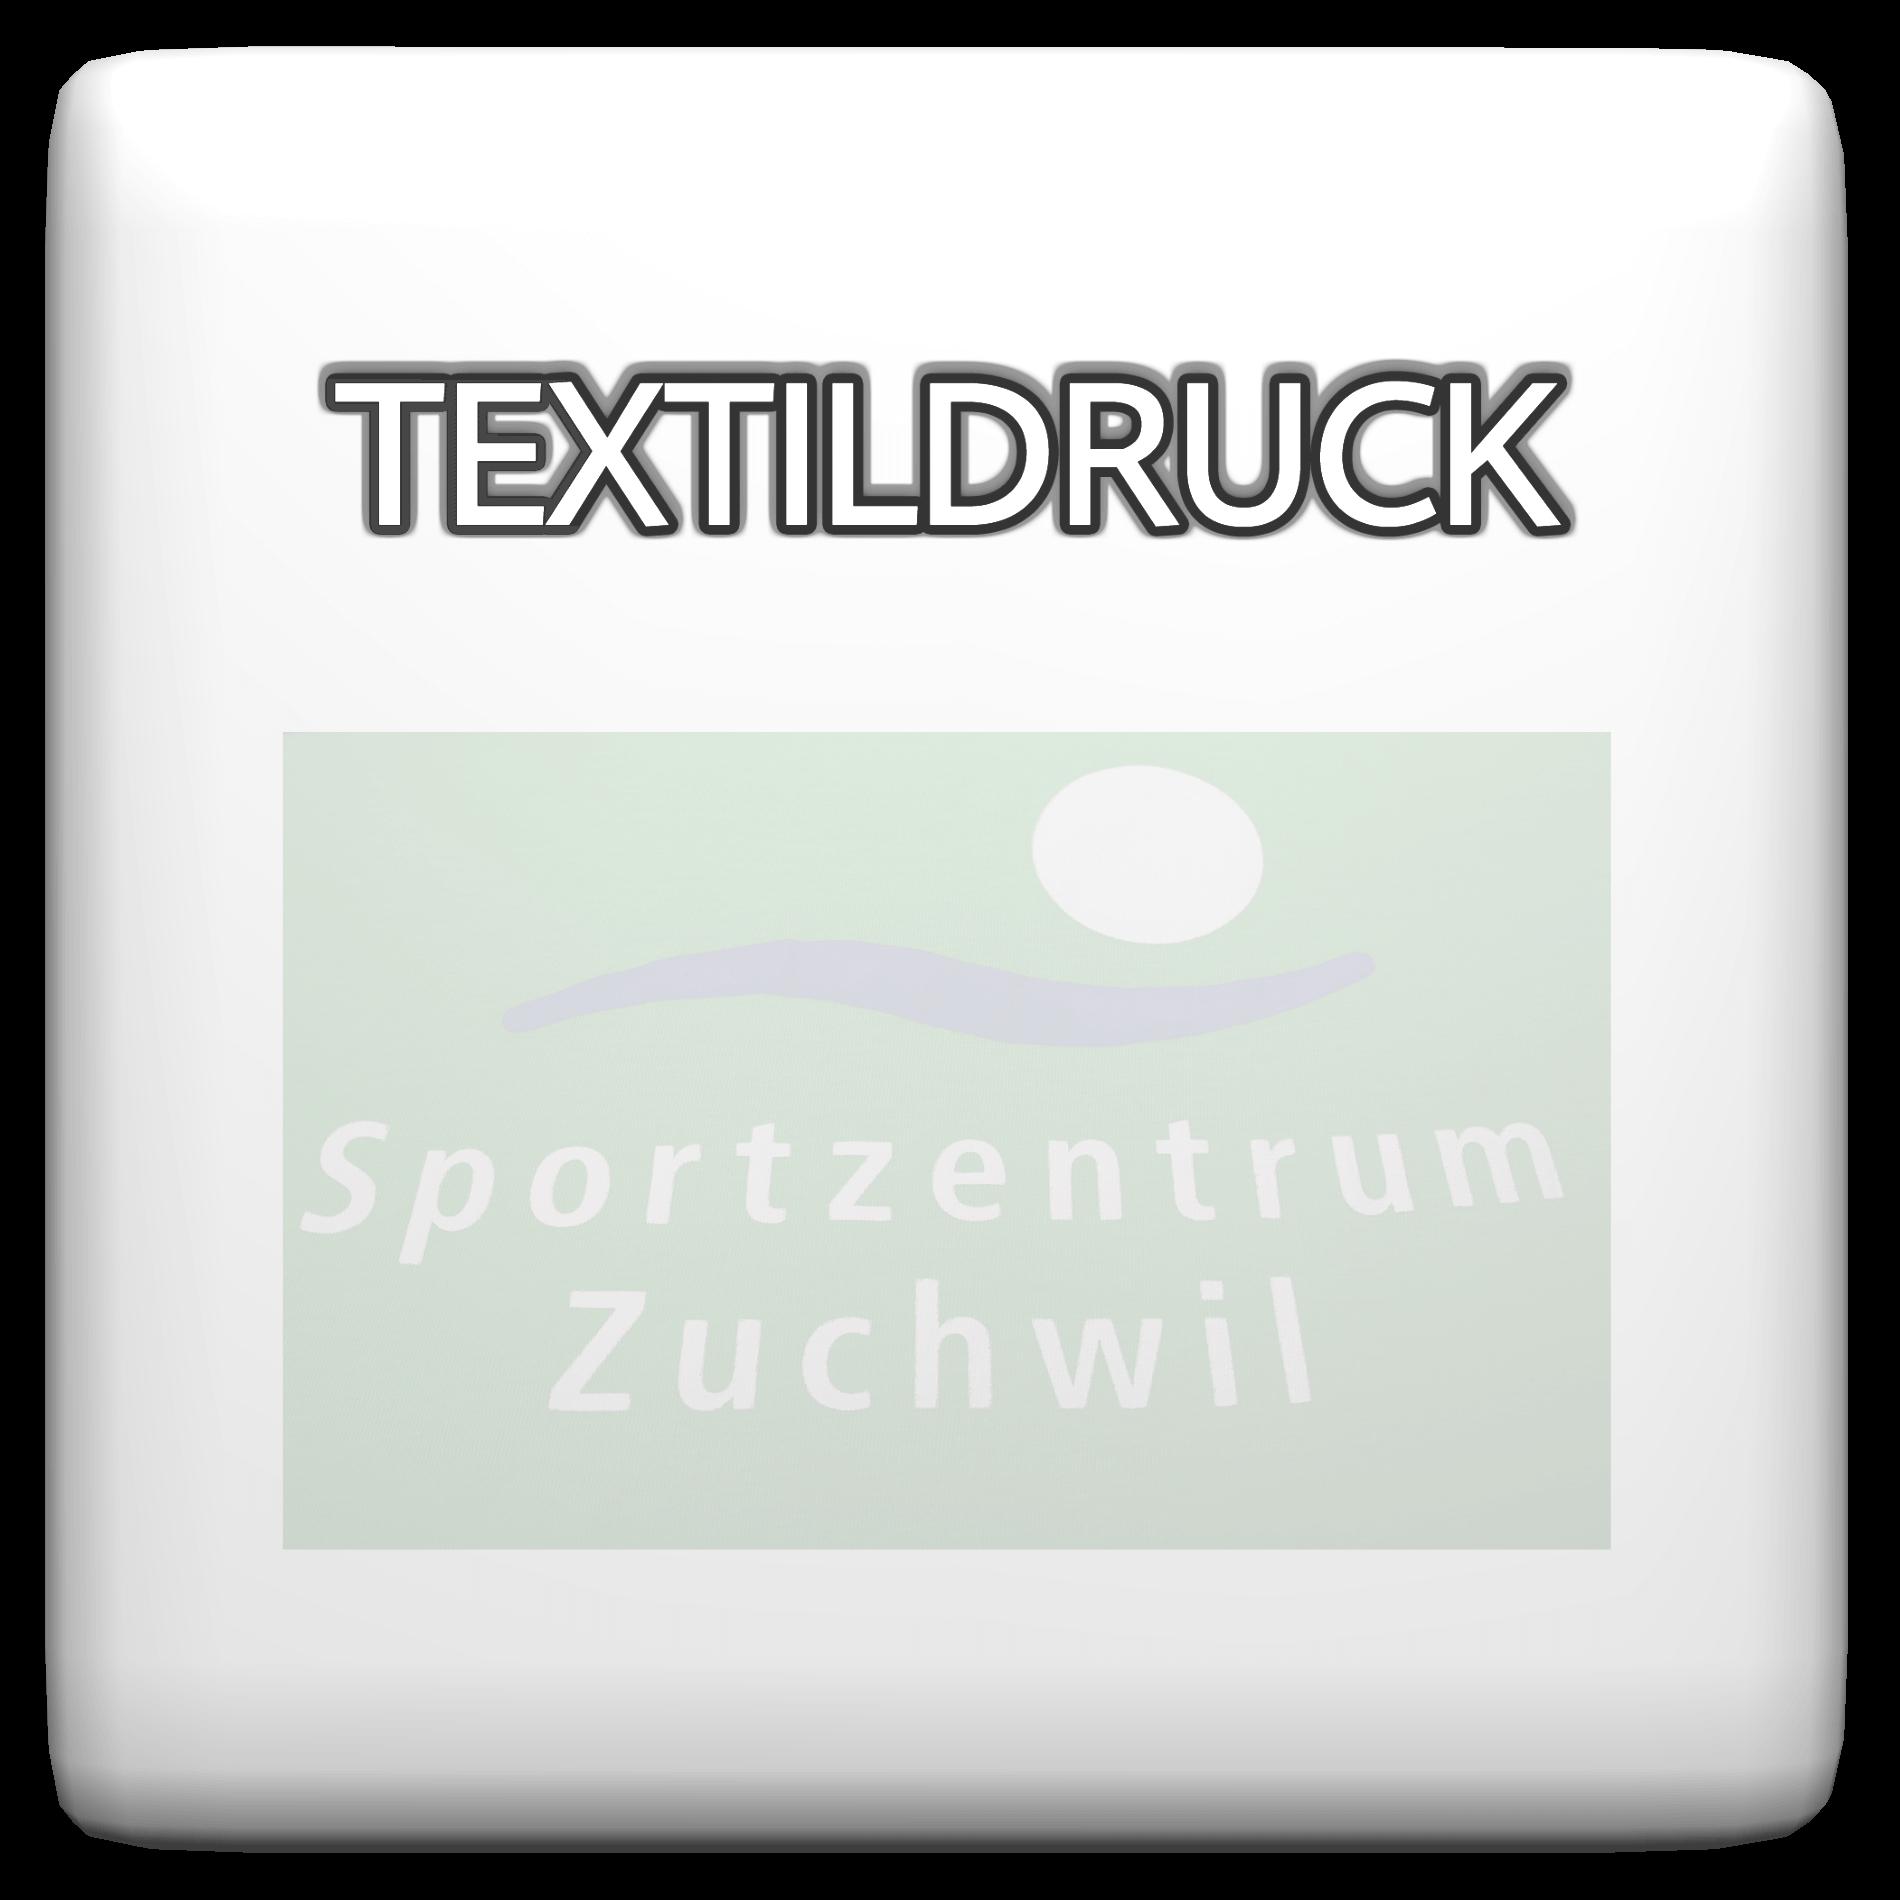 Wuerfel-Textildruck_2